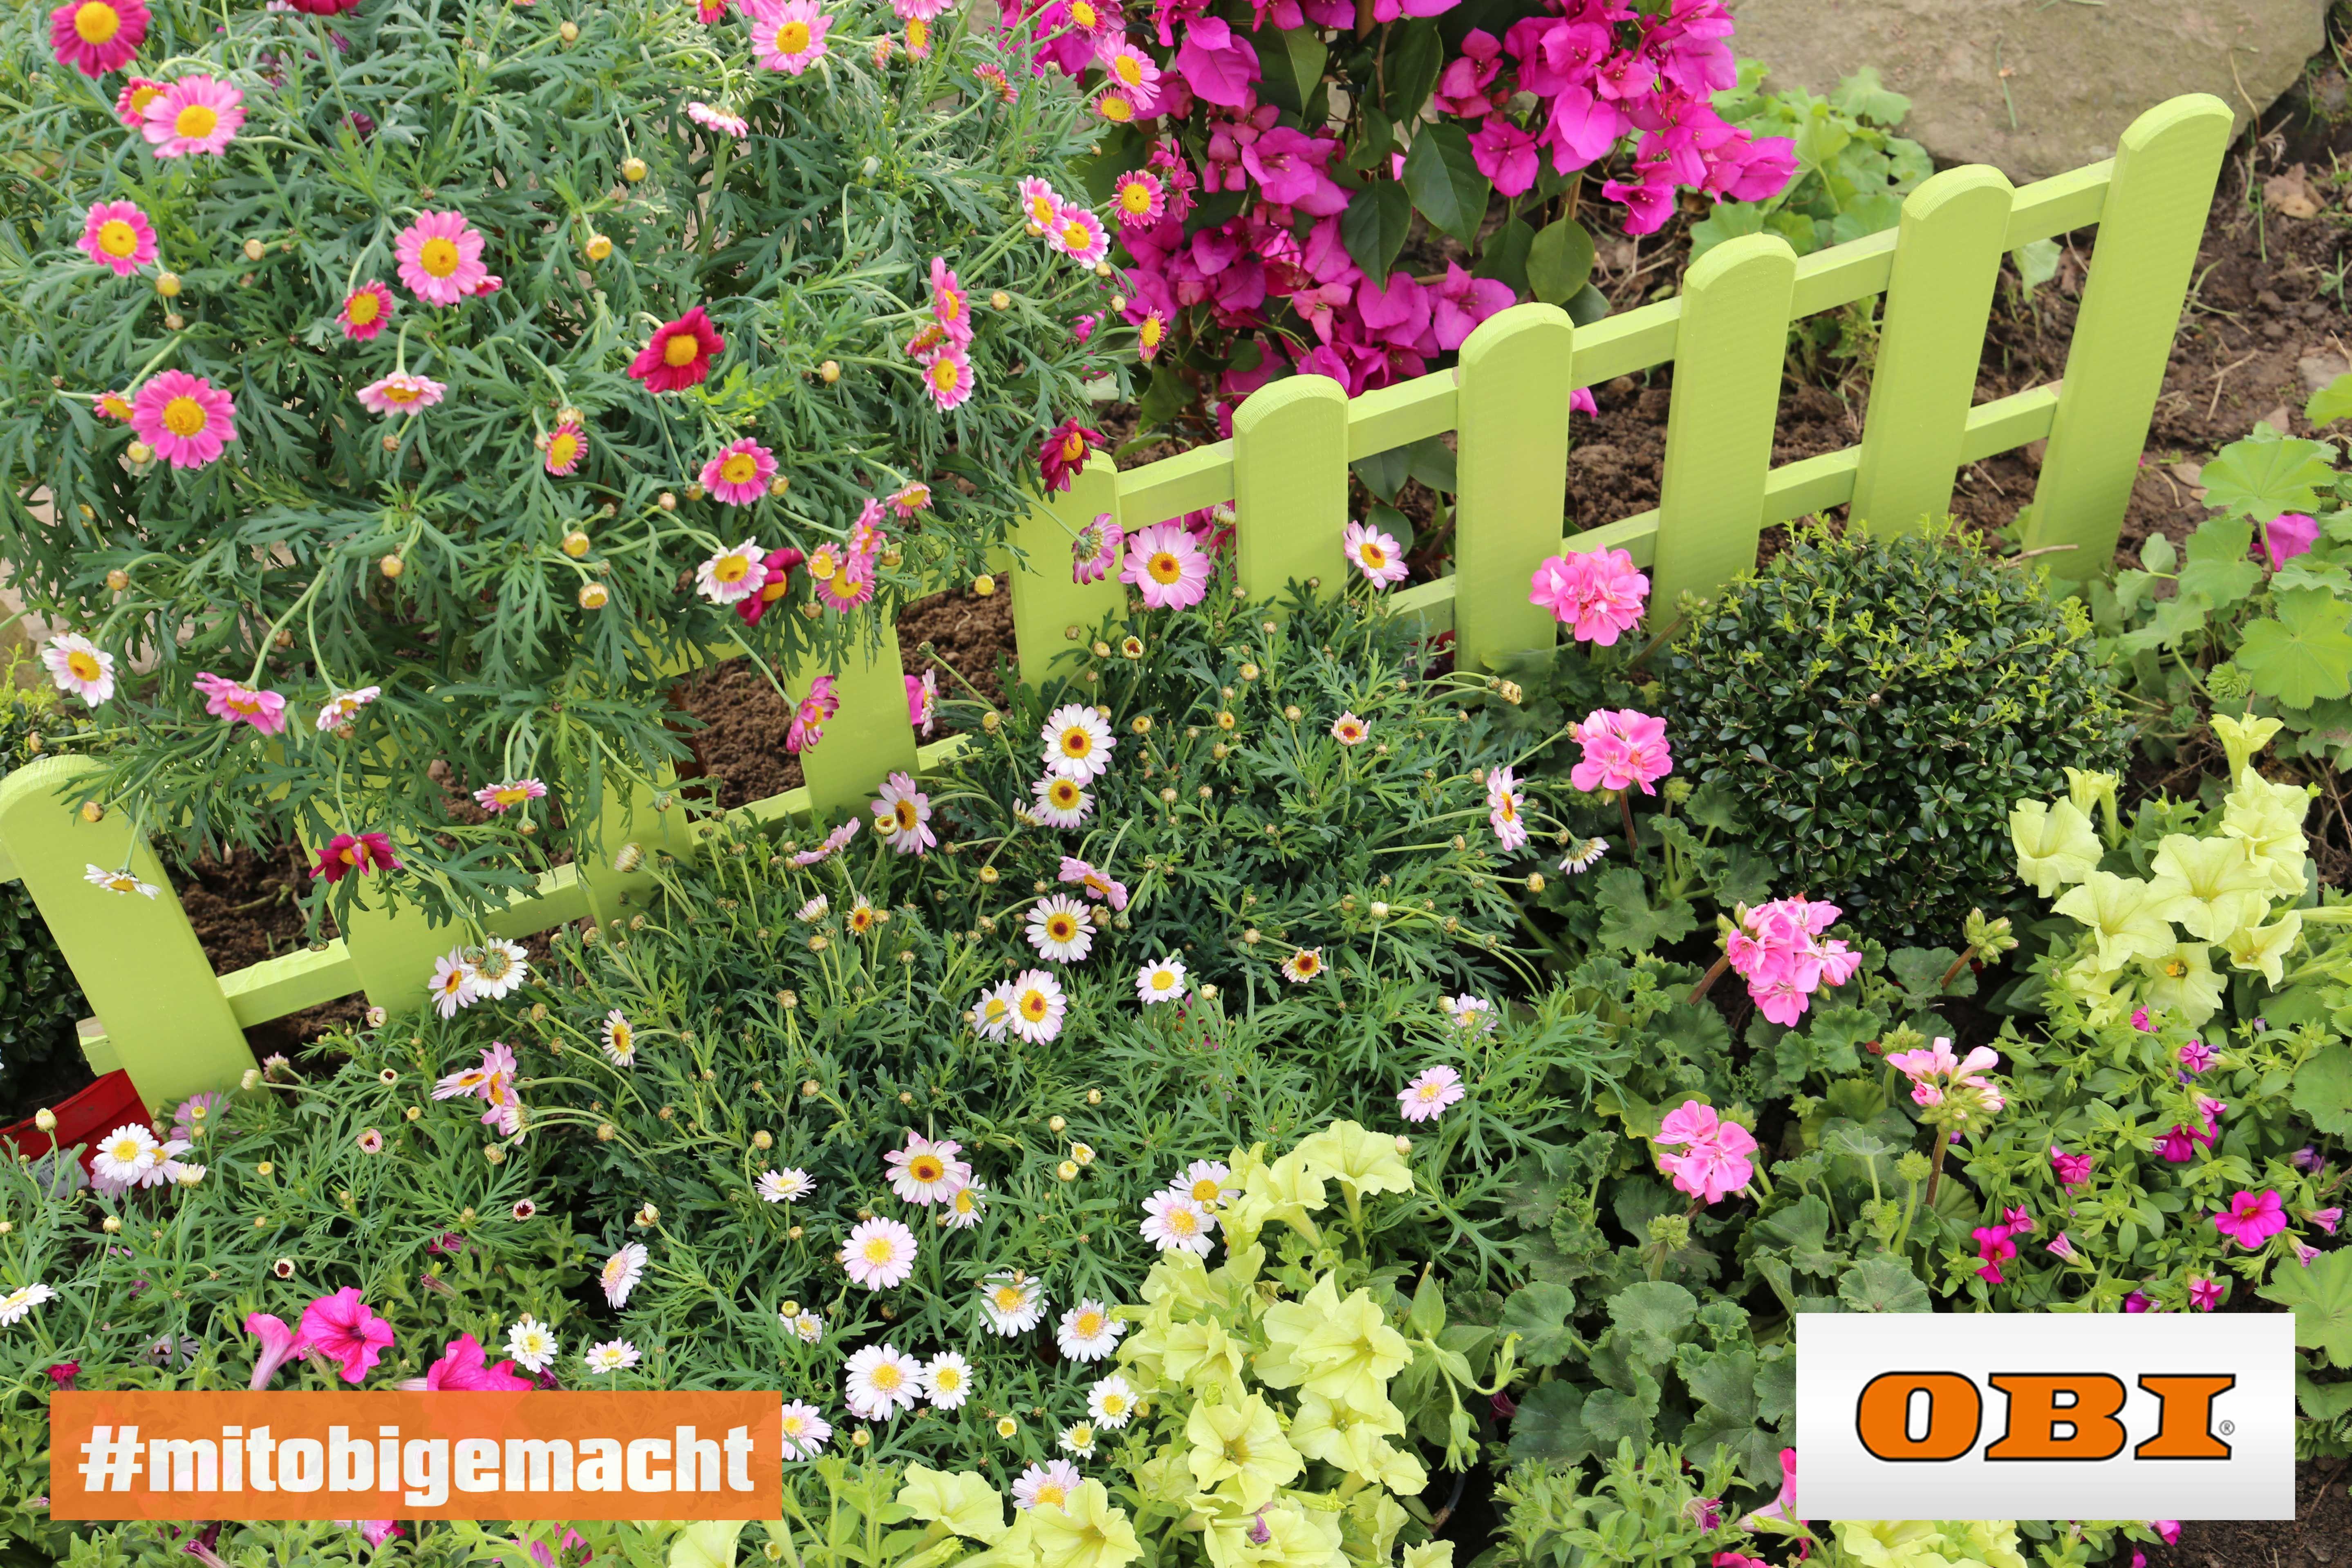 Blumenbeet Gestalten Tipps Zur Farbkomposition Obi Blumenbeet Gestalten Blumenbeet Garten Planen